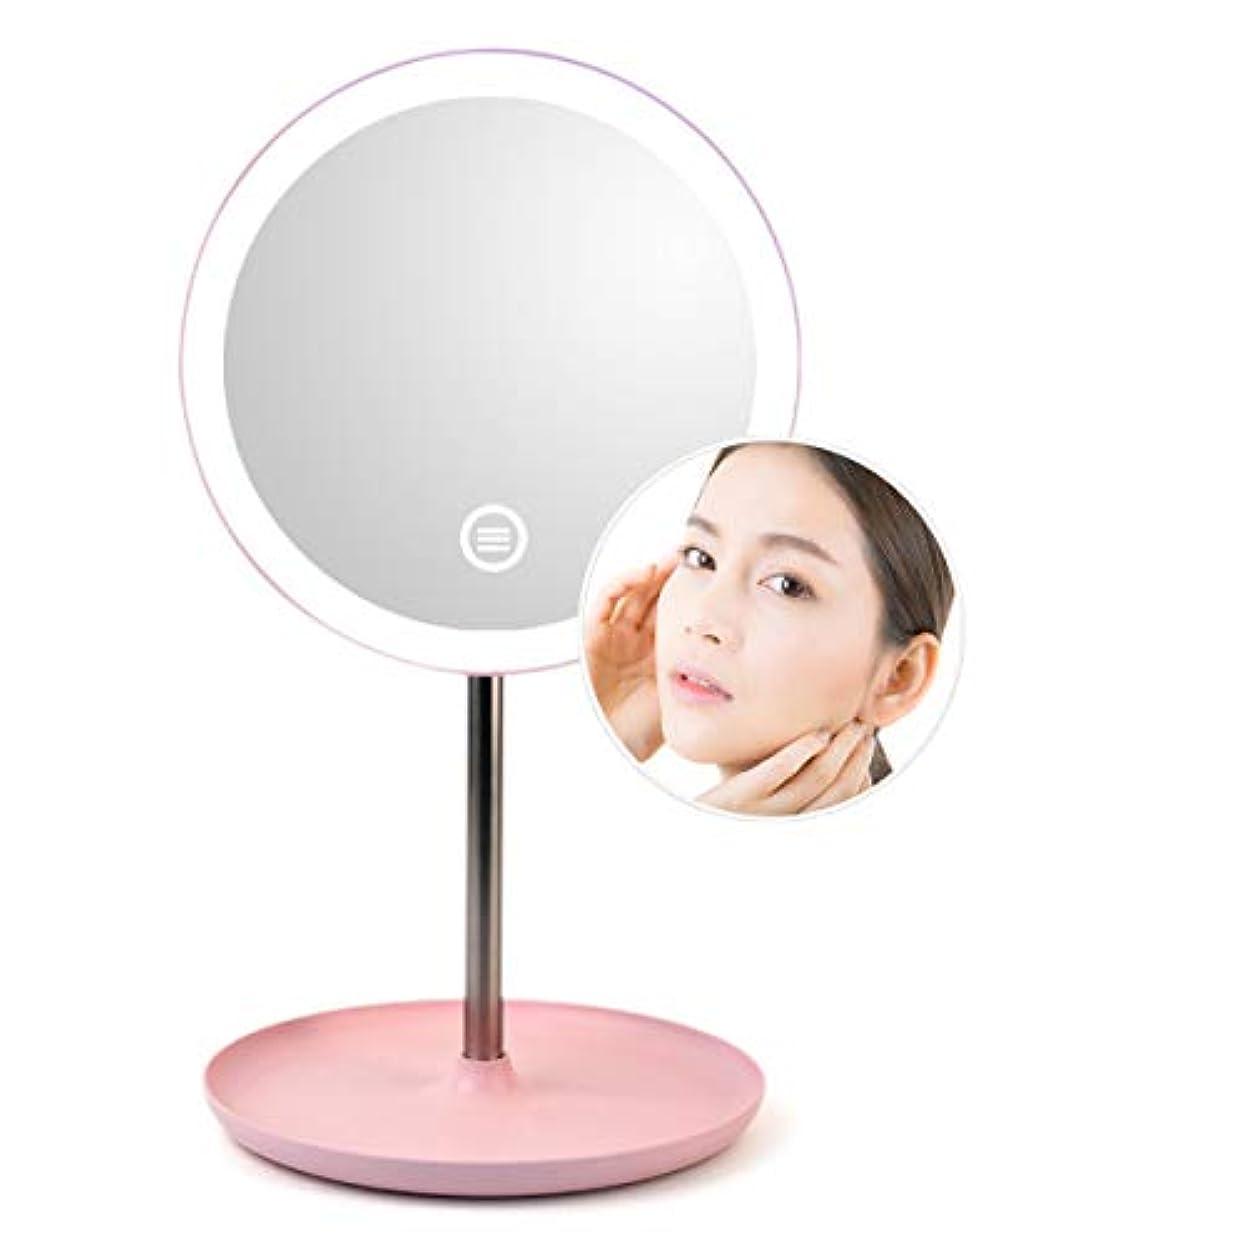 狂った氏在庫化粧鏡 卓上 LED付き usb充電式化粧ミラー 360度回転 タッチセンサー 明るさ調節可能 無段階調光 10倍 拡大鏡